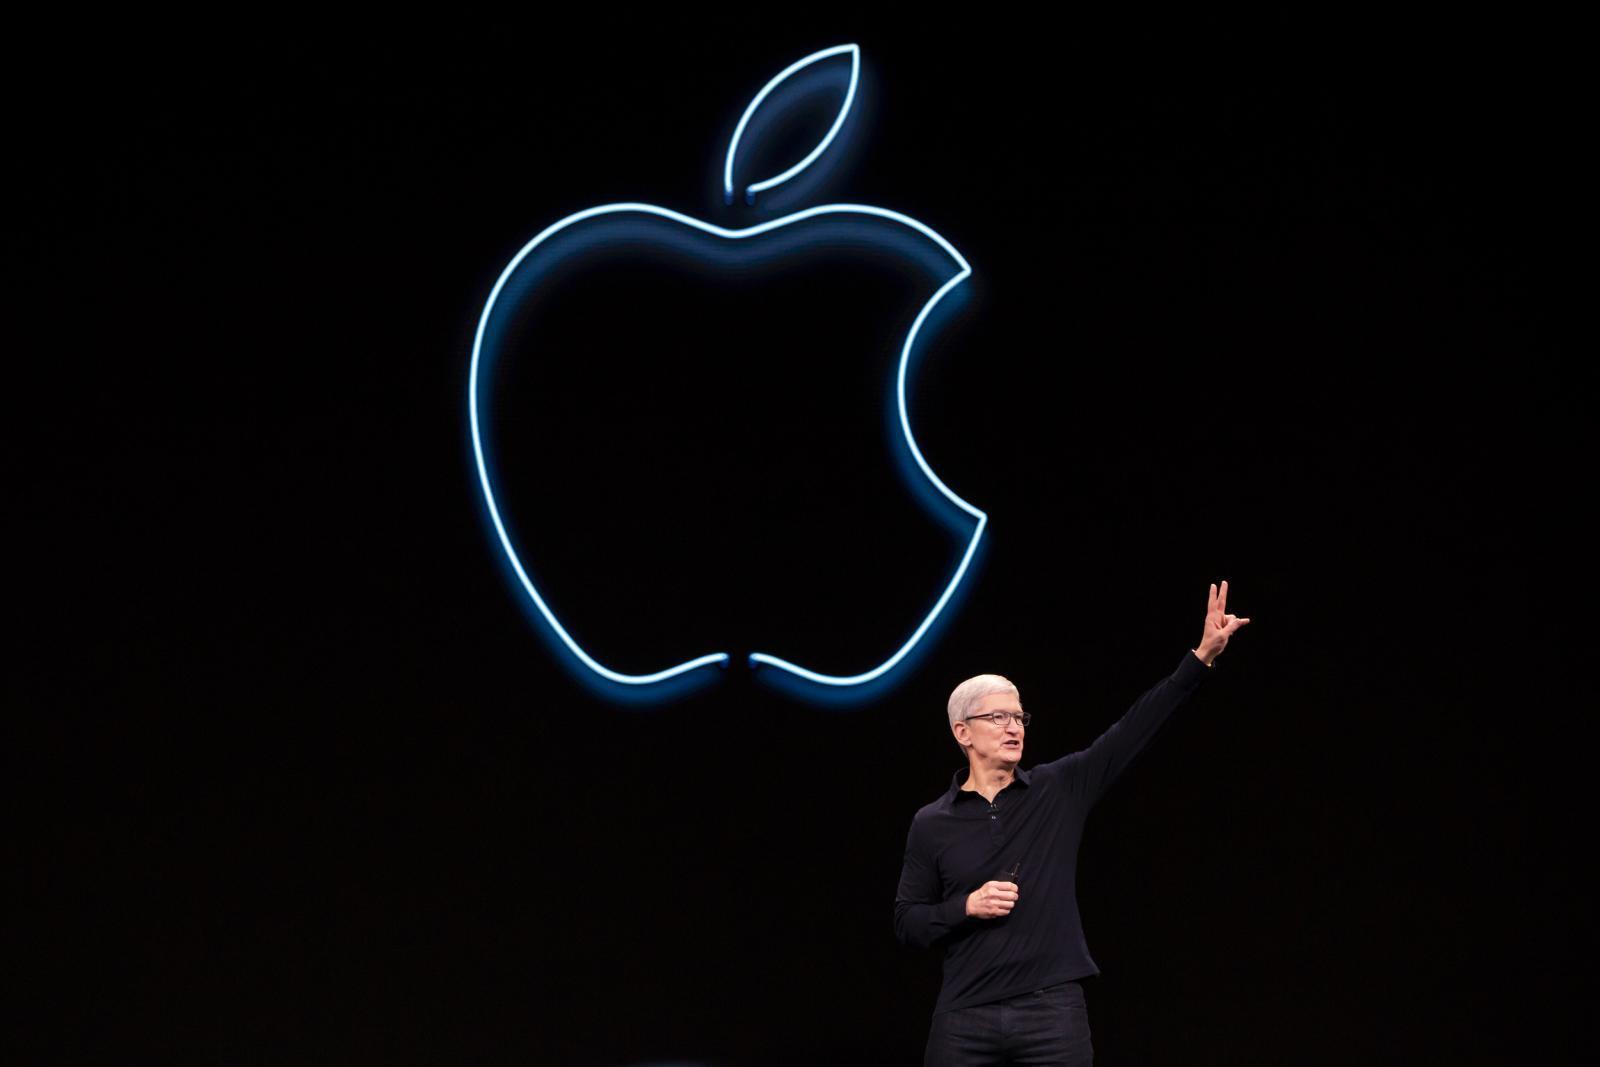 แอปเปิลเริ่มให้บริการบัตรเครดิตดิจิทัลในสหรัฐฯ